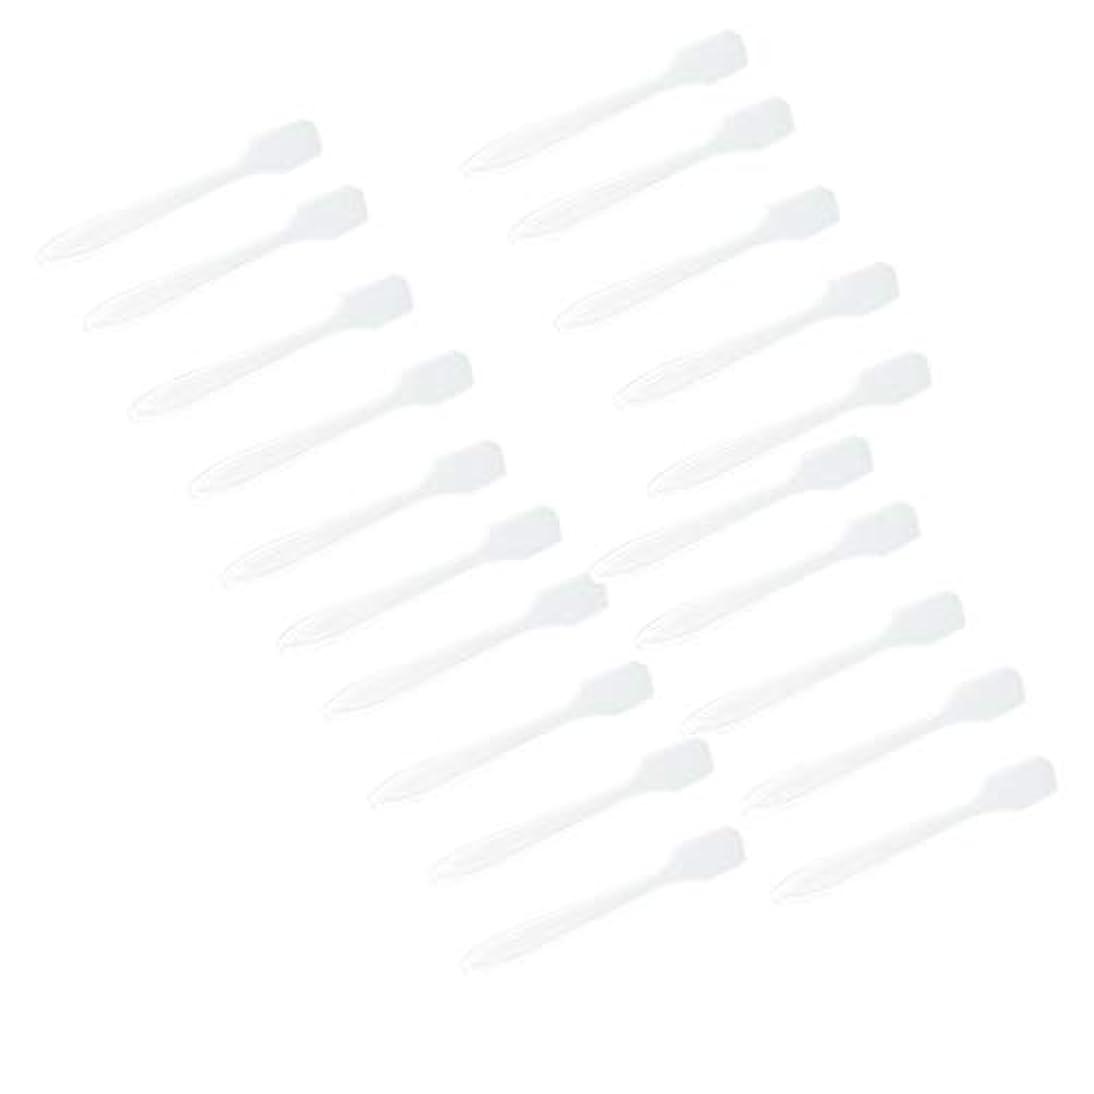 吸収習慣業界5色 100点 フェイシャル クリーム マスクスプーン 化粧品へら 女性美容ツール - クリア